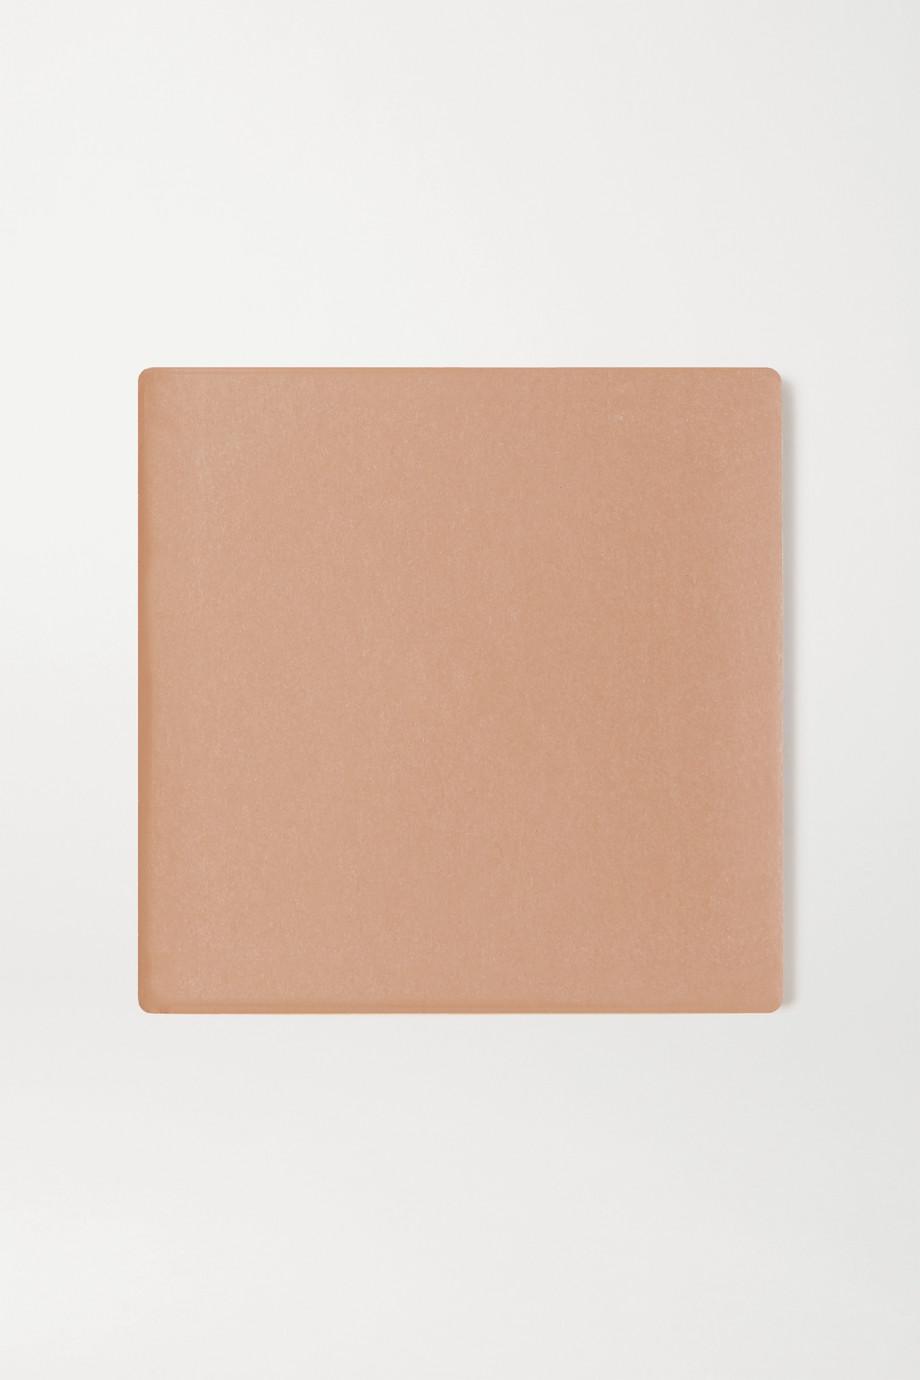 Kjaer Weis Cream Foundation Refill - Silken